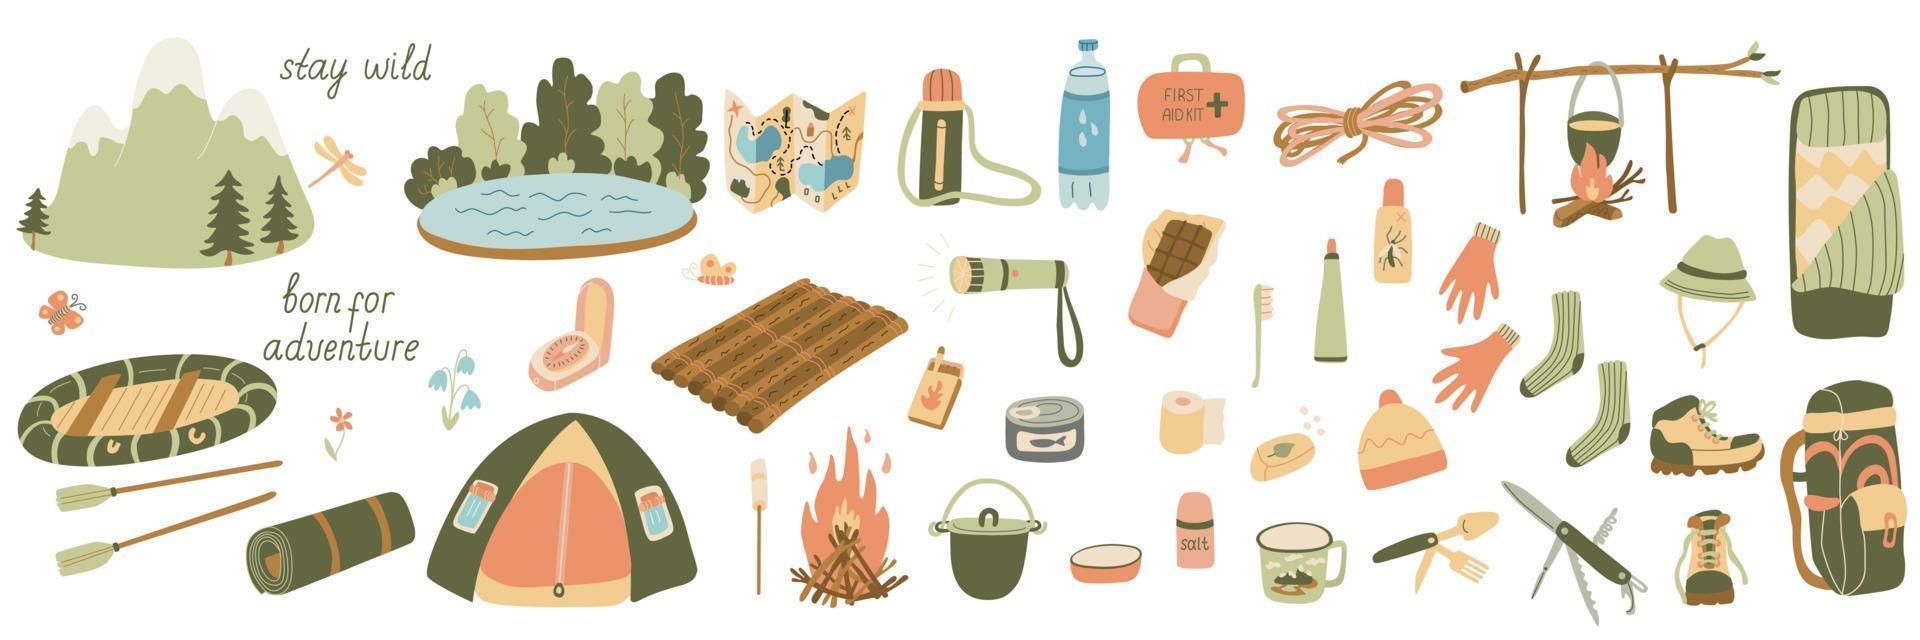 grande conjunto de ilustrações vetoriais de turismo e equipamentos de camping vetor